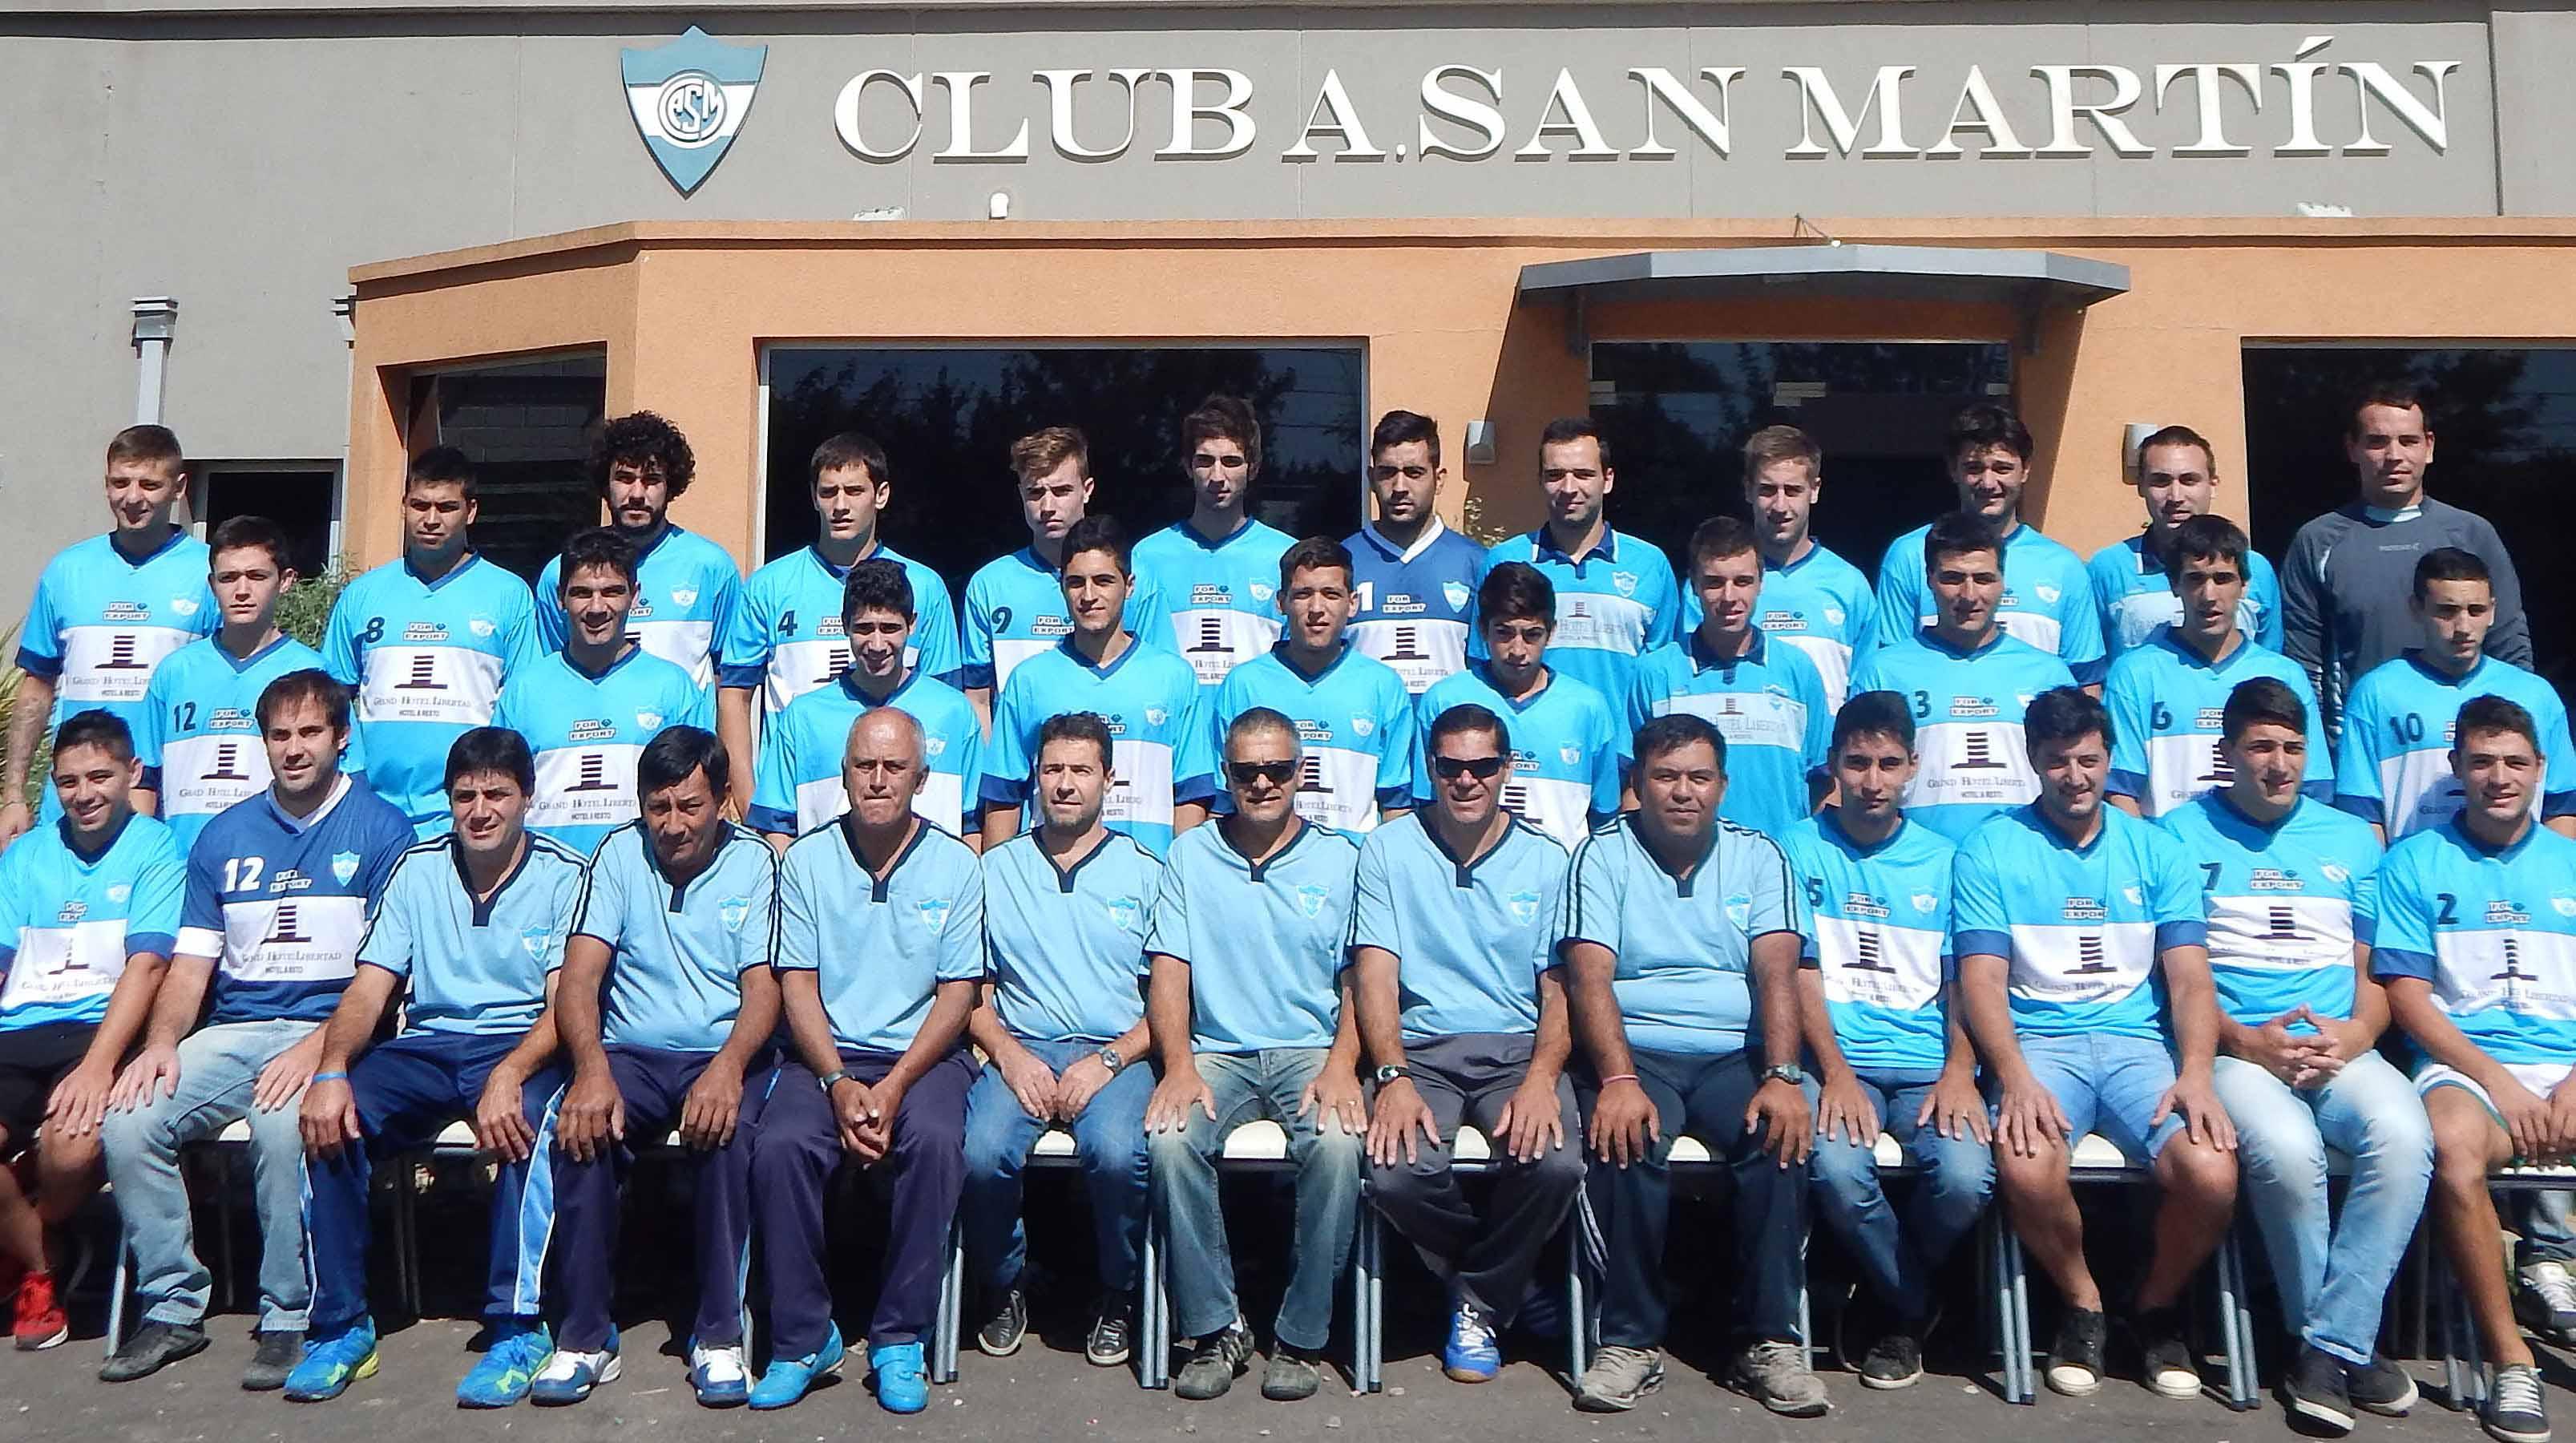 Felices 75 años Club San Martín